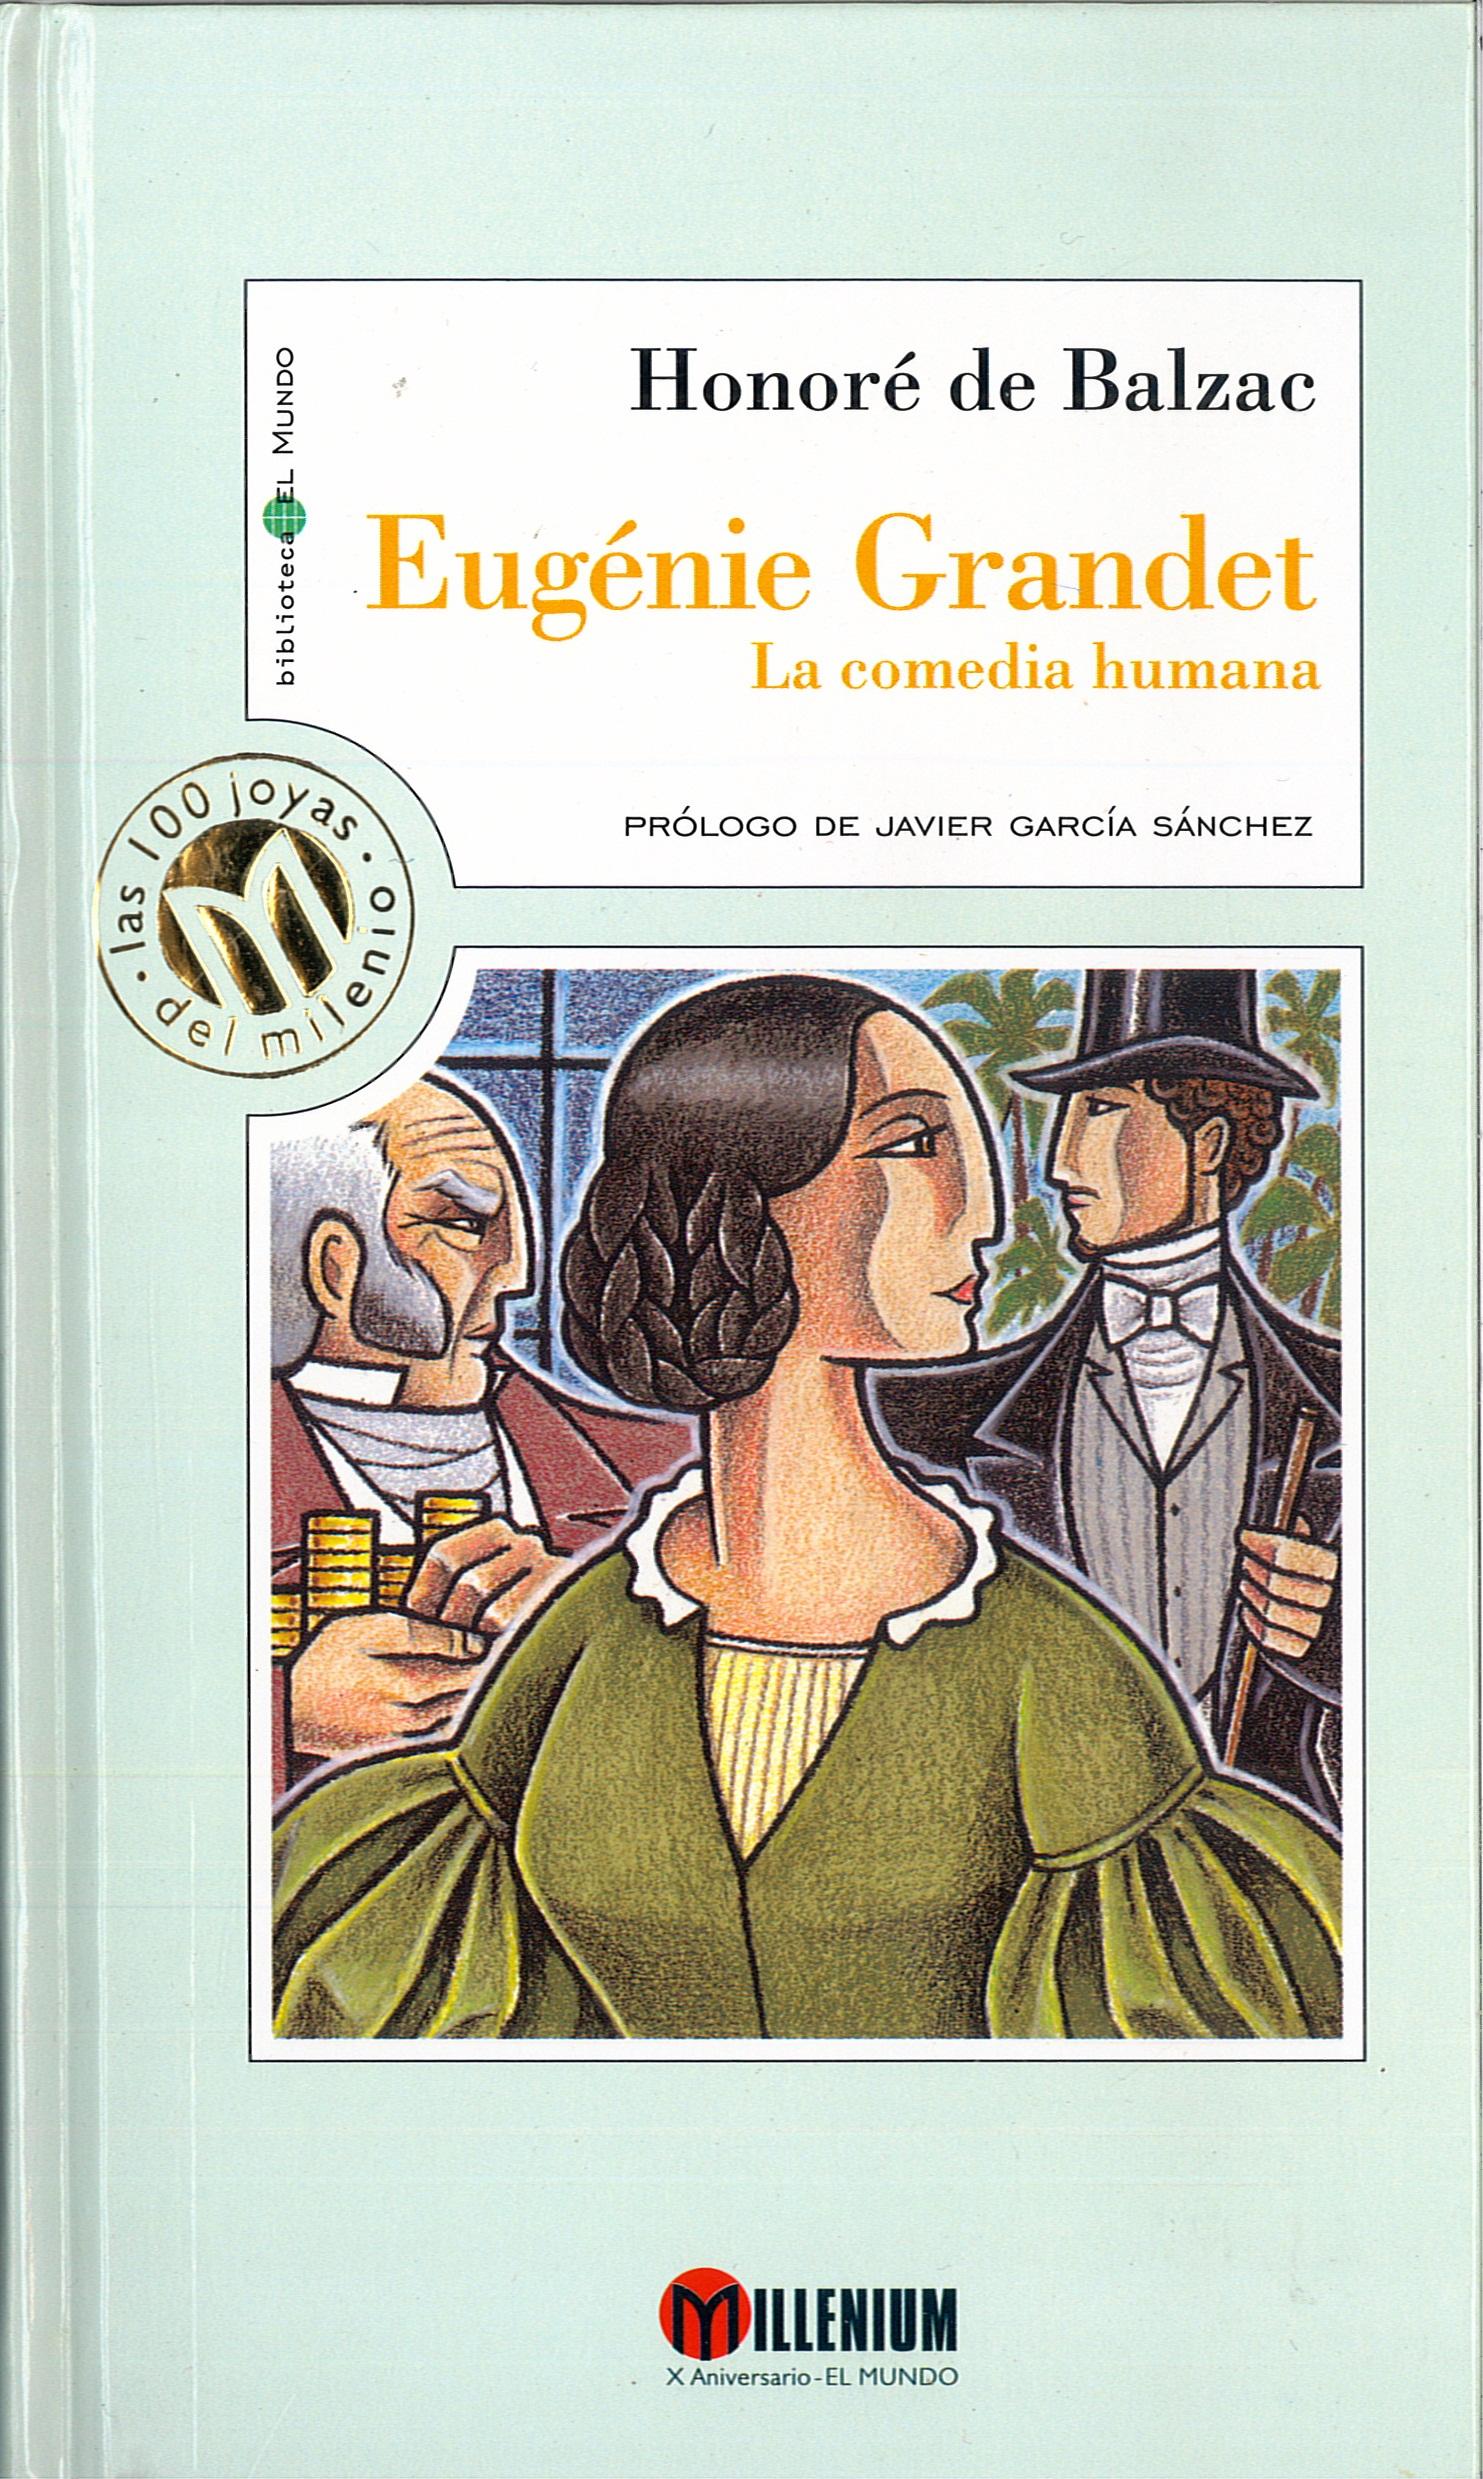 EUGÉNIE GRANDET-La comedia humana (Honoré de Balzac).